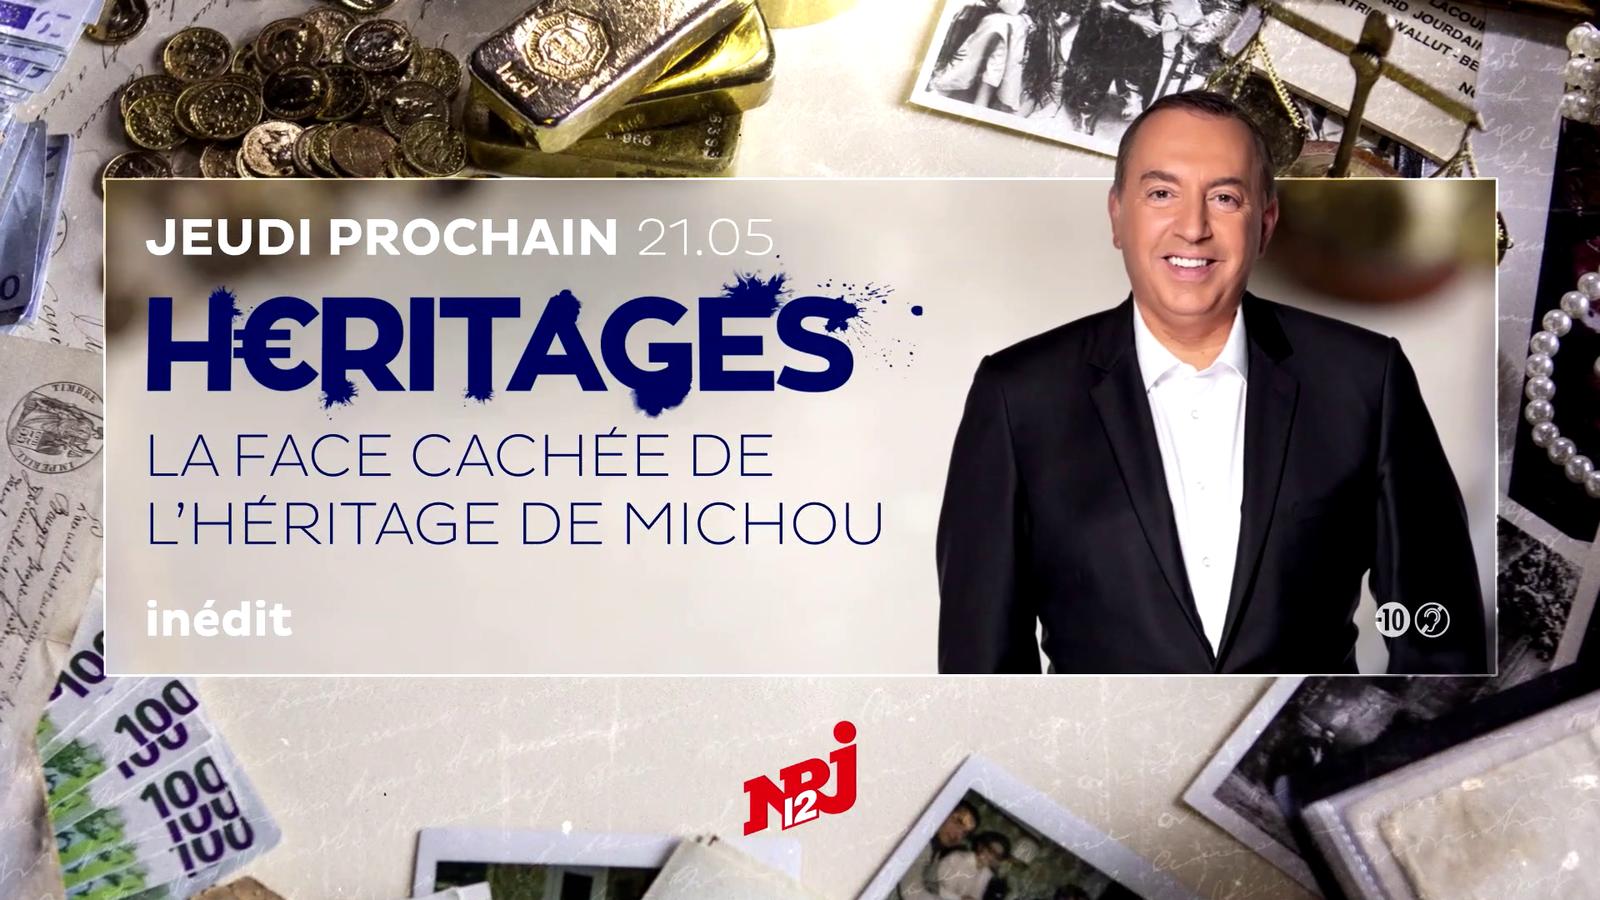 """""""Héritages : Spéciale la face cachée de l'héritage de Michou"""" demain soir à 21h05 sur NRJ12"""